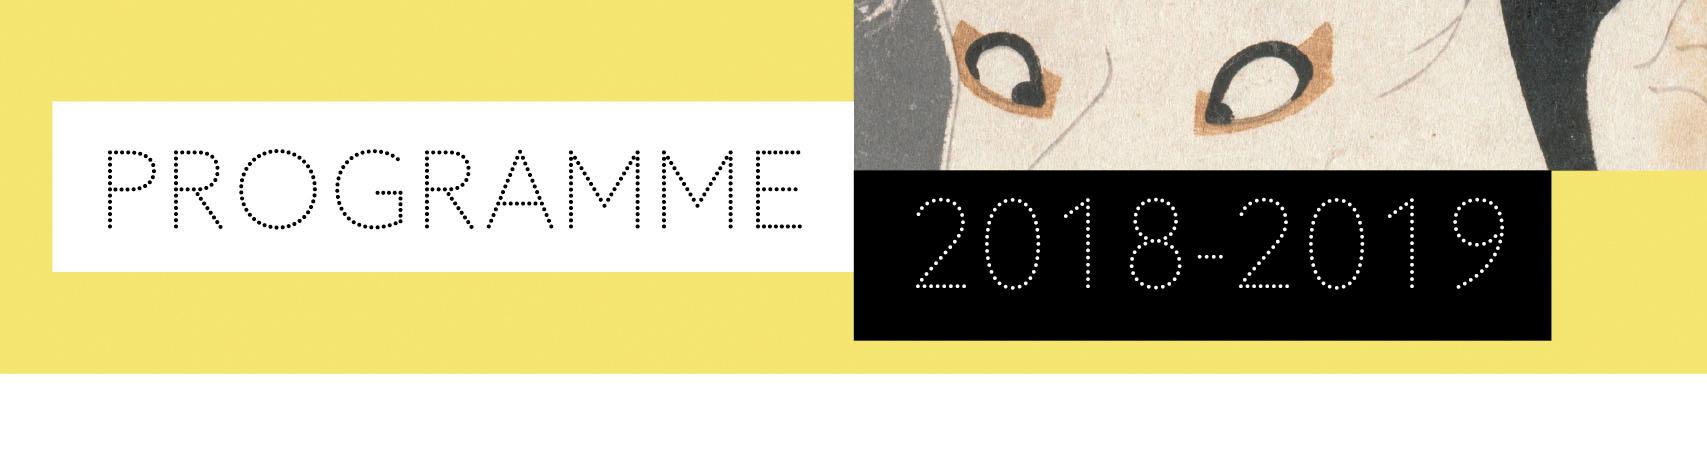 histoires d'art au Grand Palais programme 2018-2019